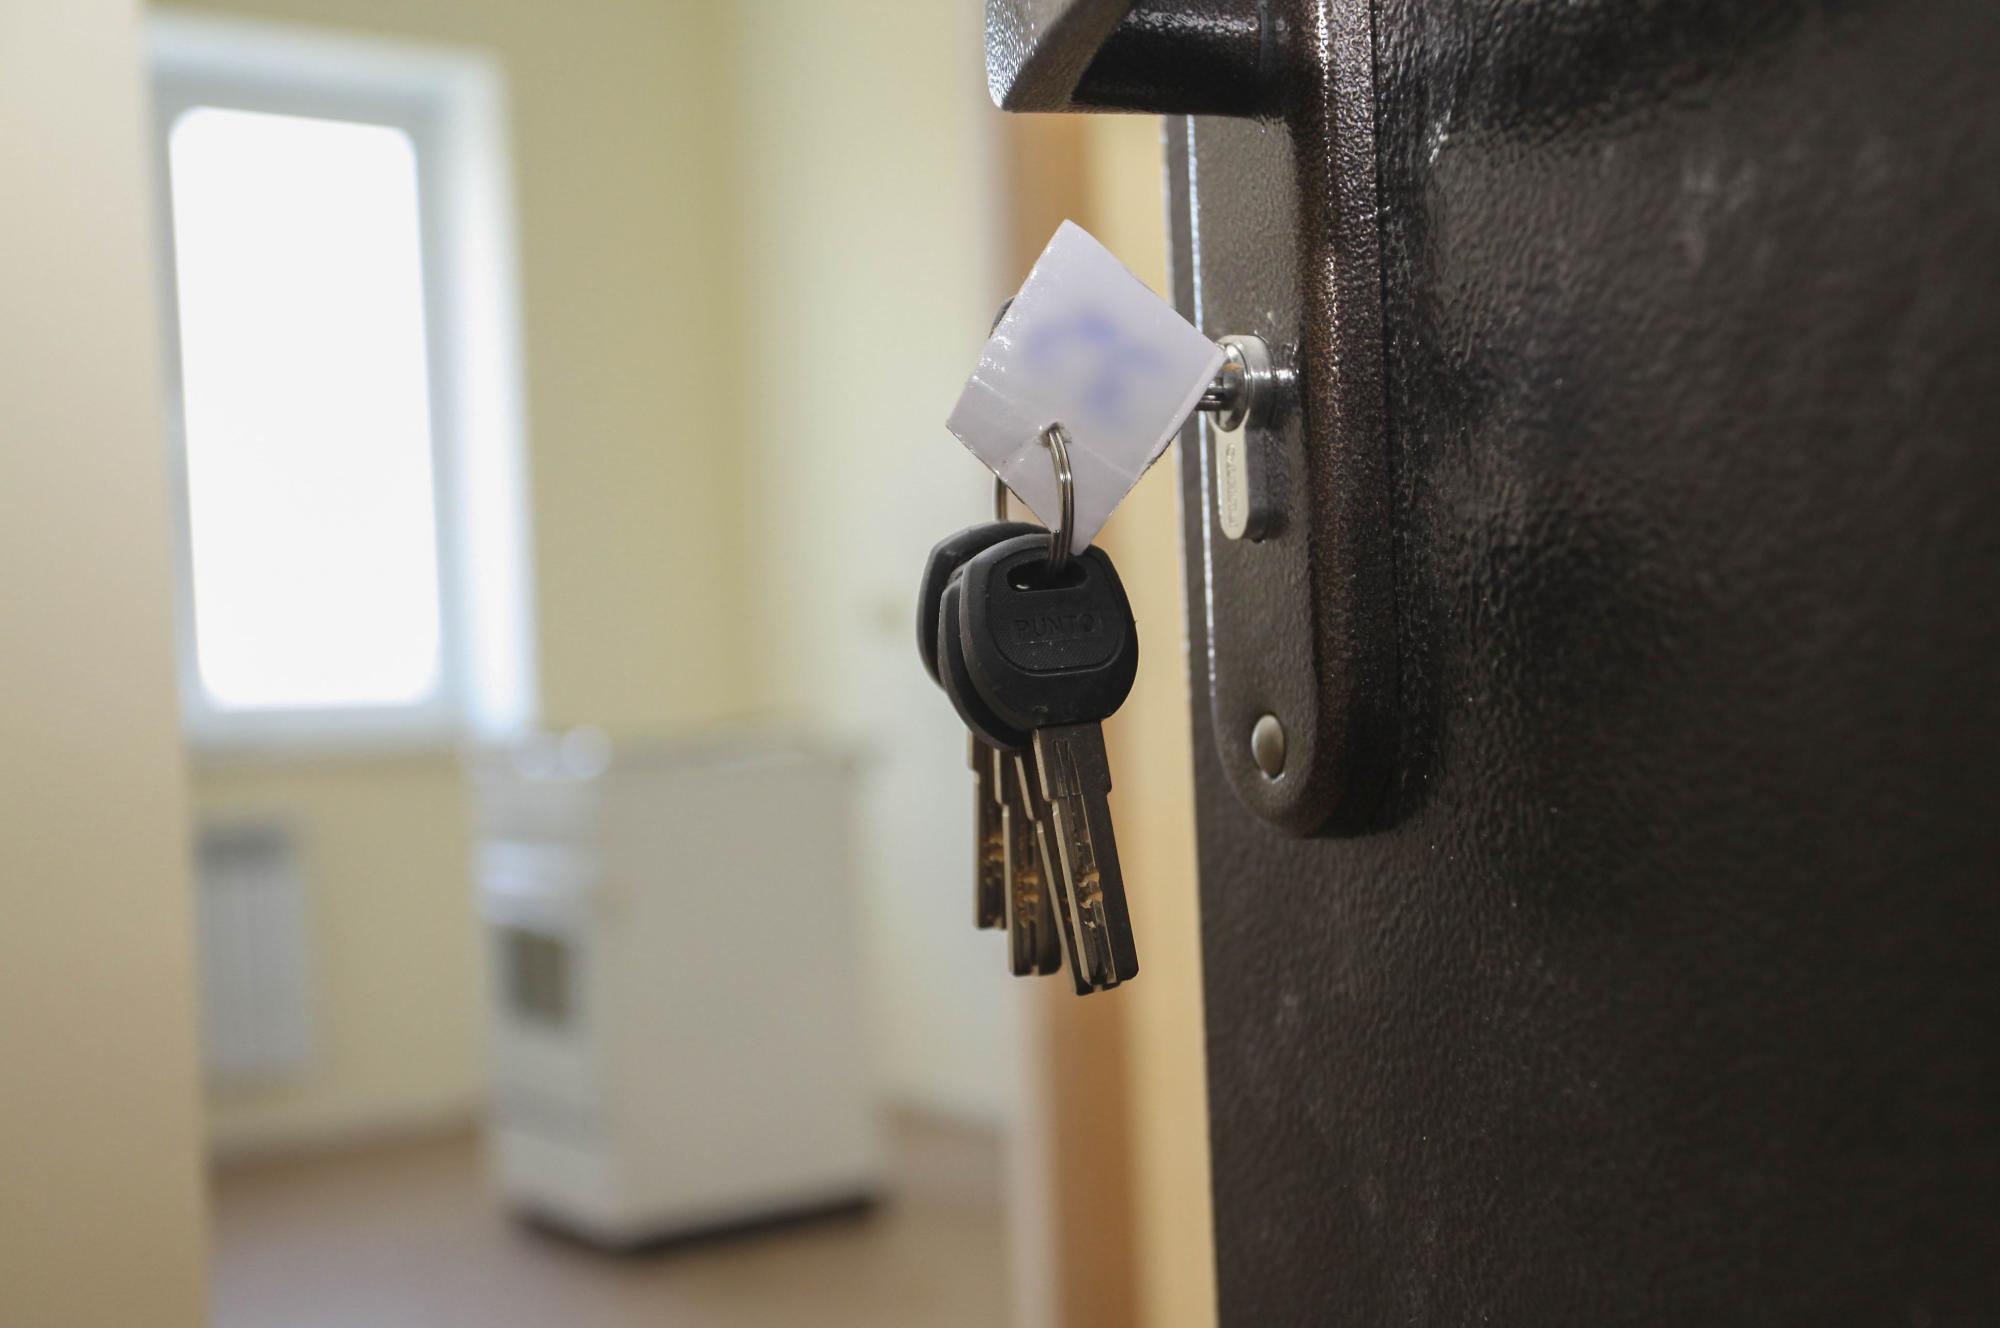 Правительство снимет с органов опеки обязанность обеспечивать жильем сирот